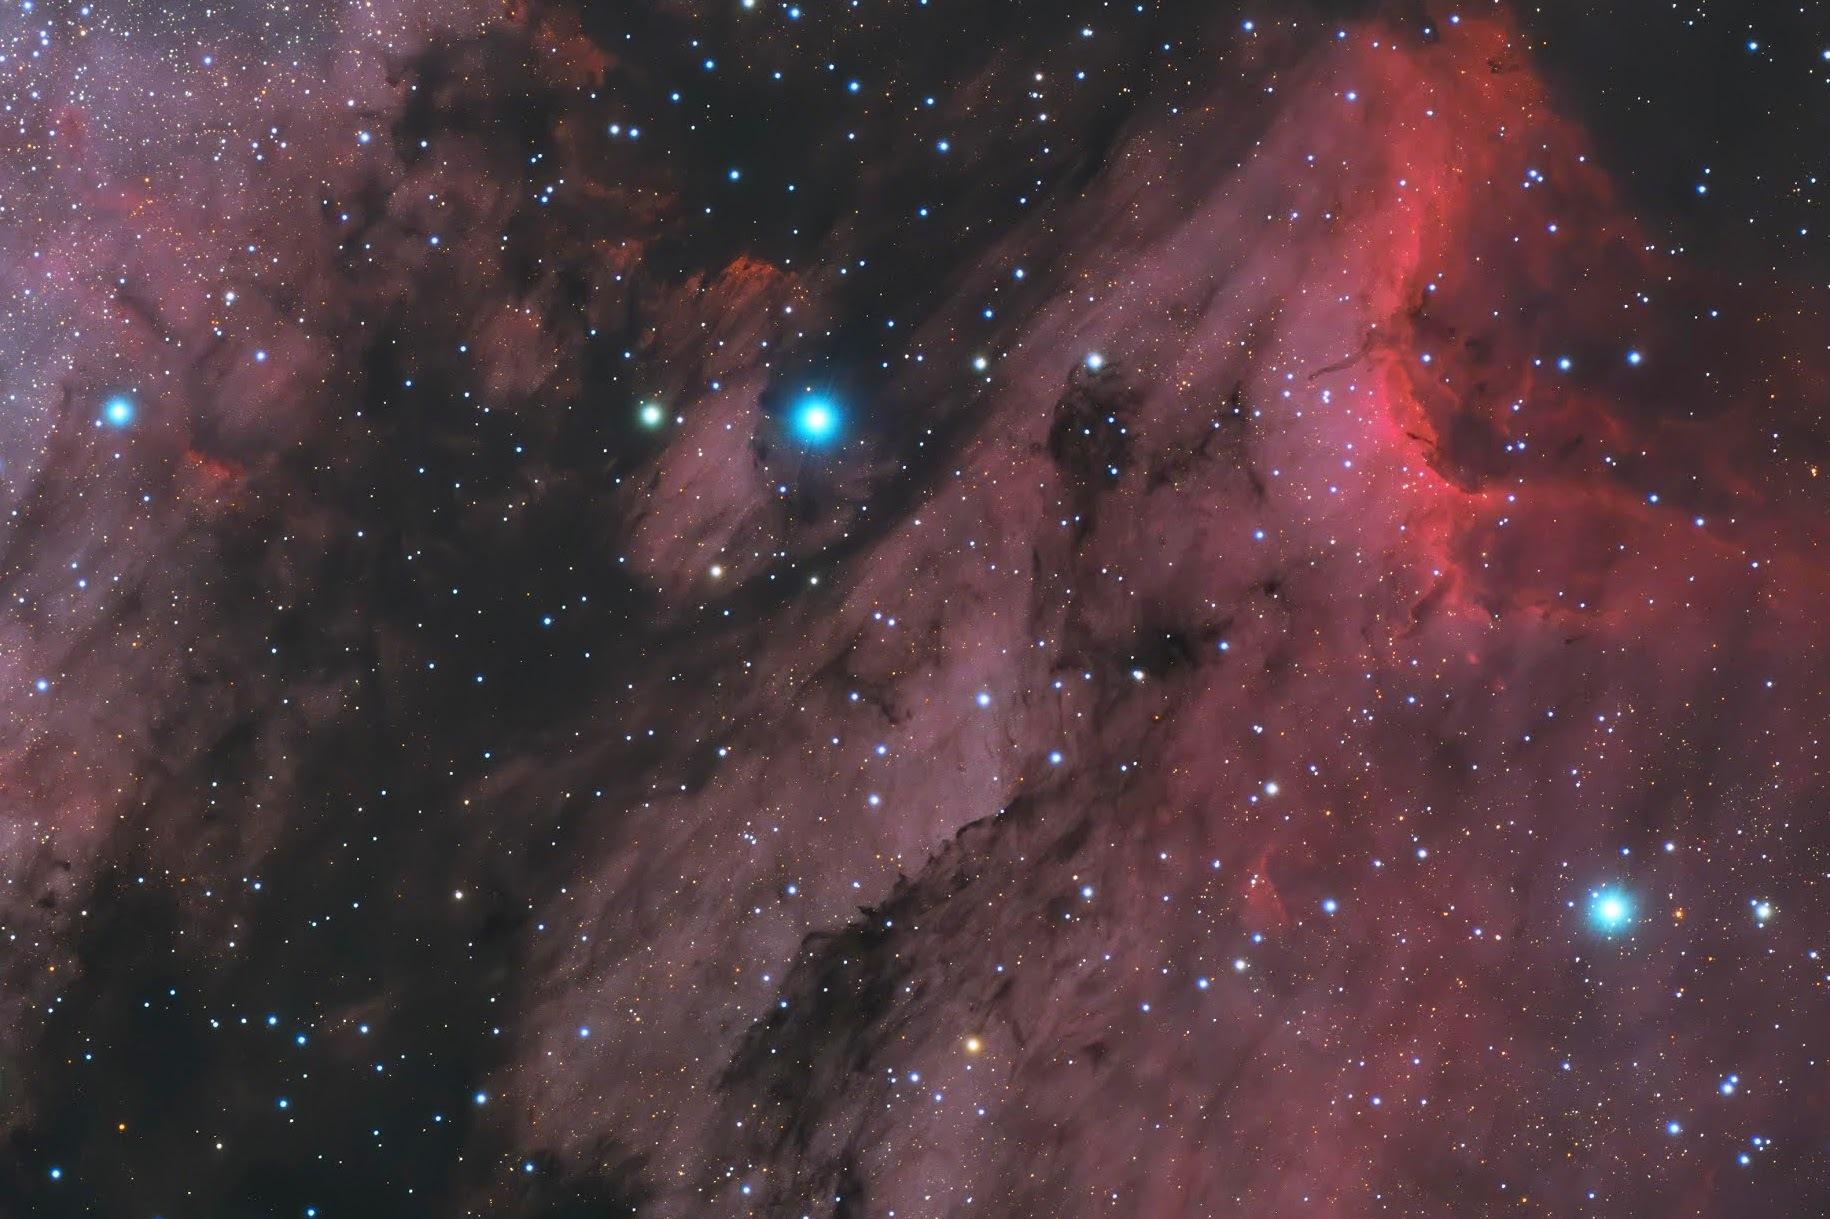 20200528_0701 アメペリ星雲 FSQ106 6200MM Twin RGB_AOO denoise